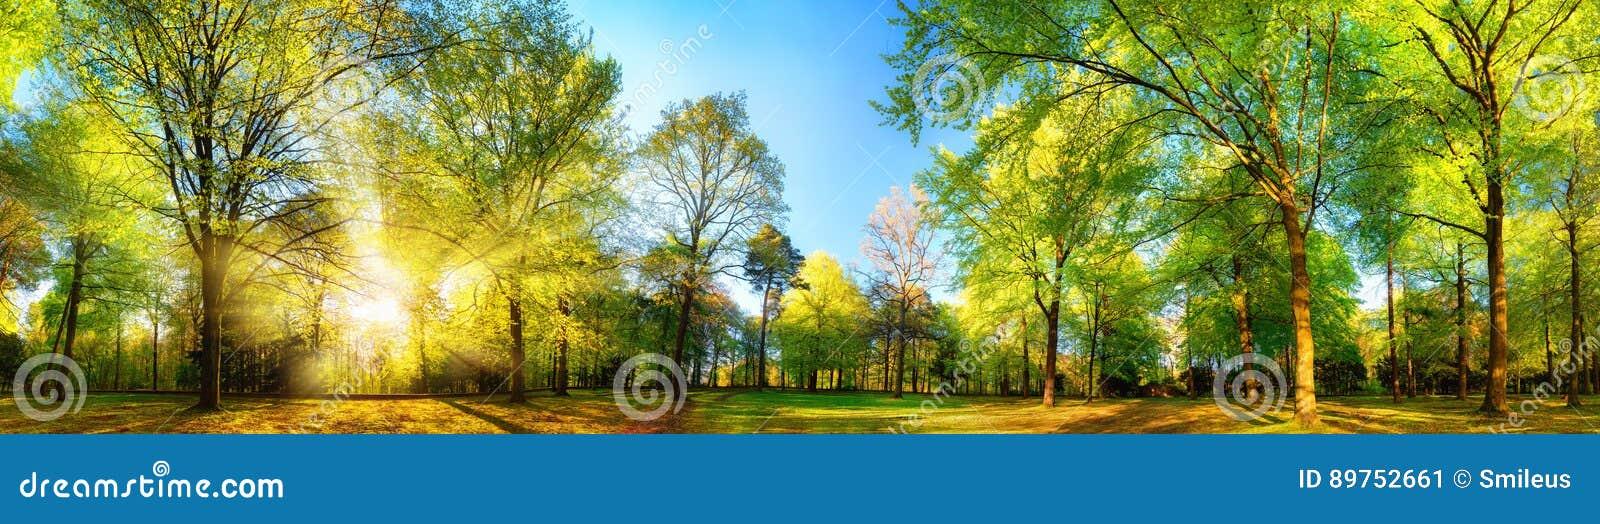 Cenário panorâmico lindo da mola com árvores ensolarados